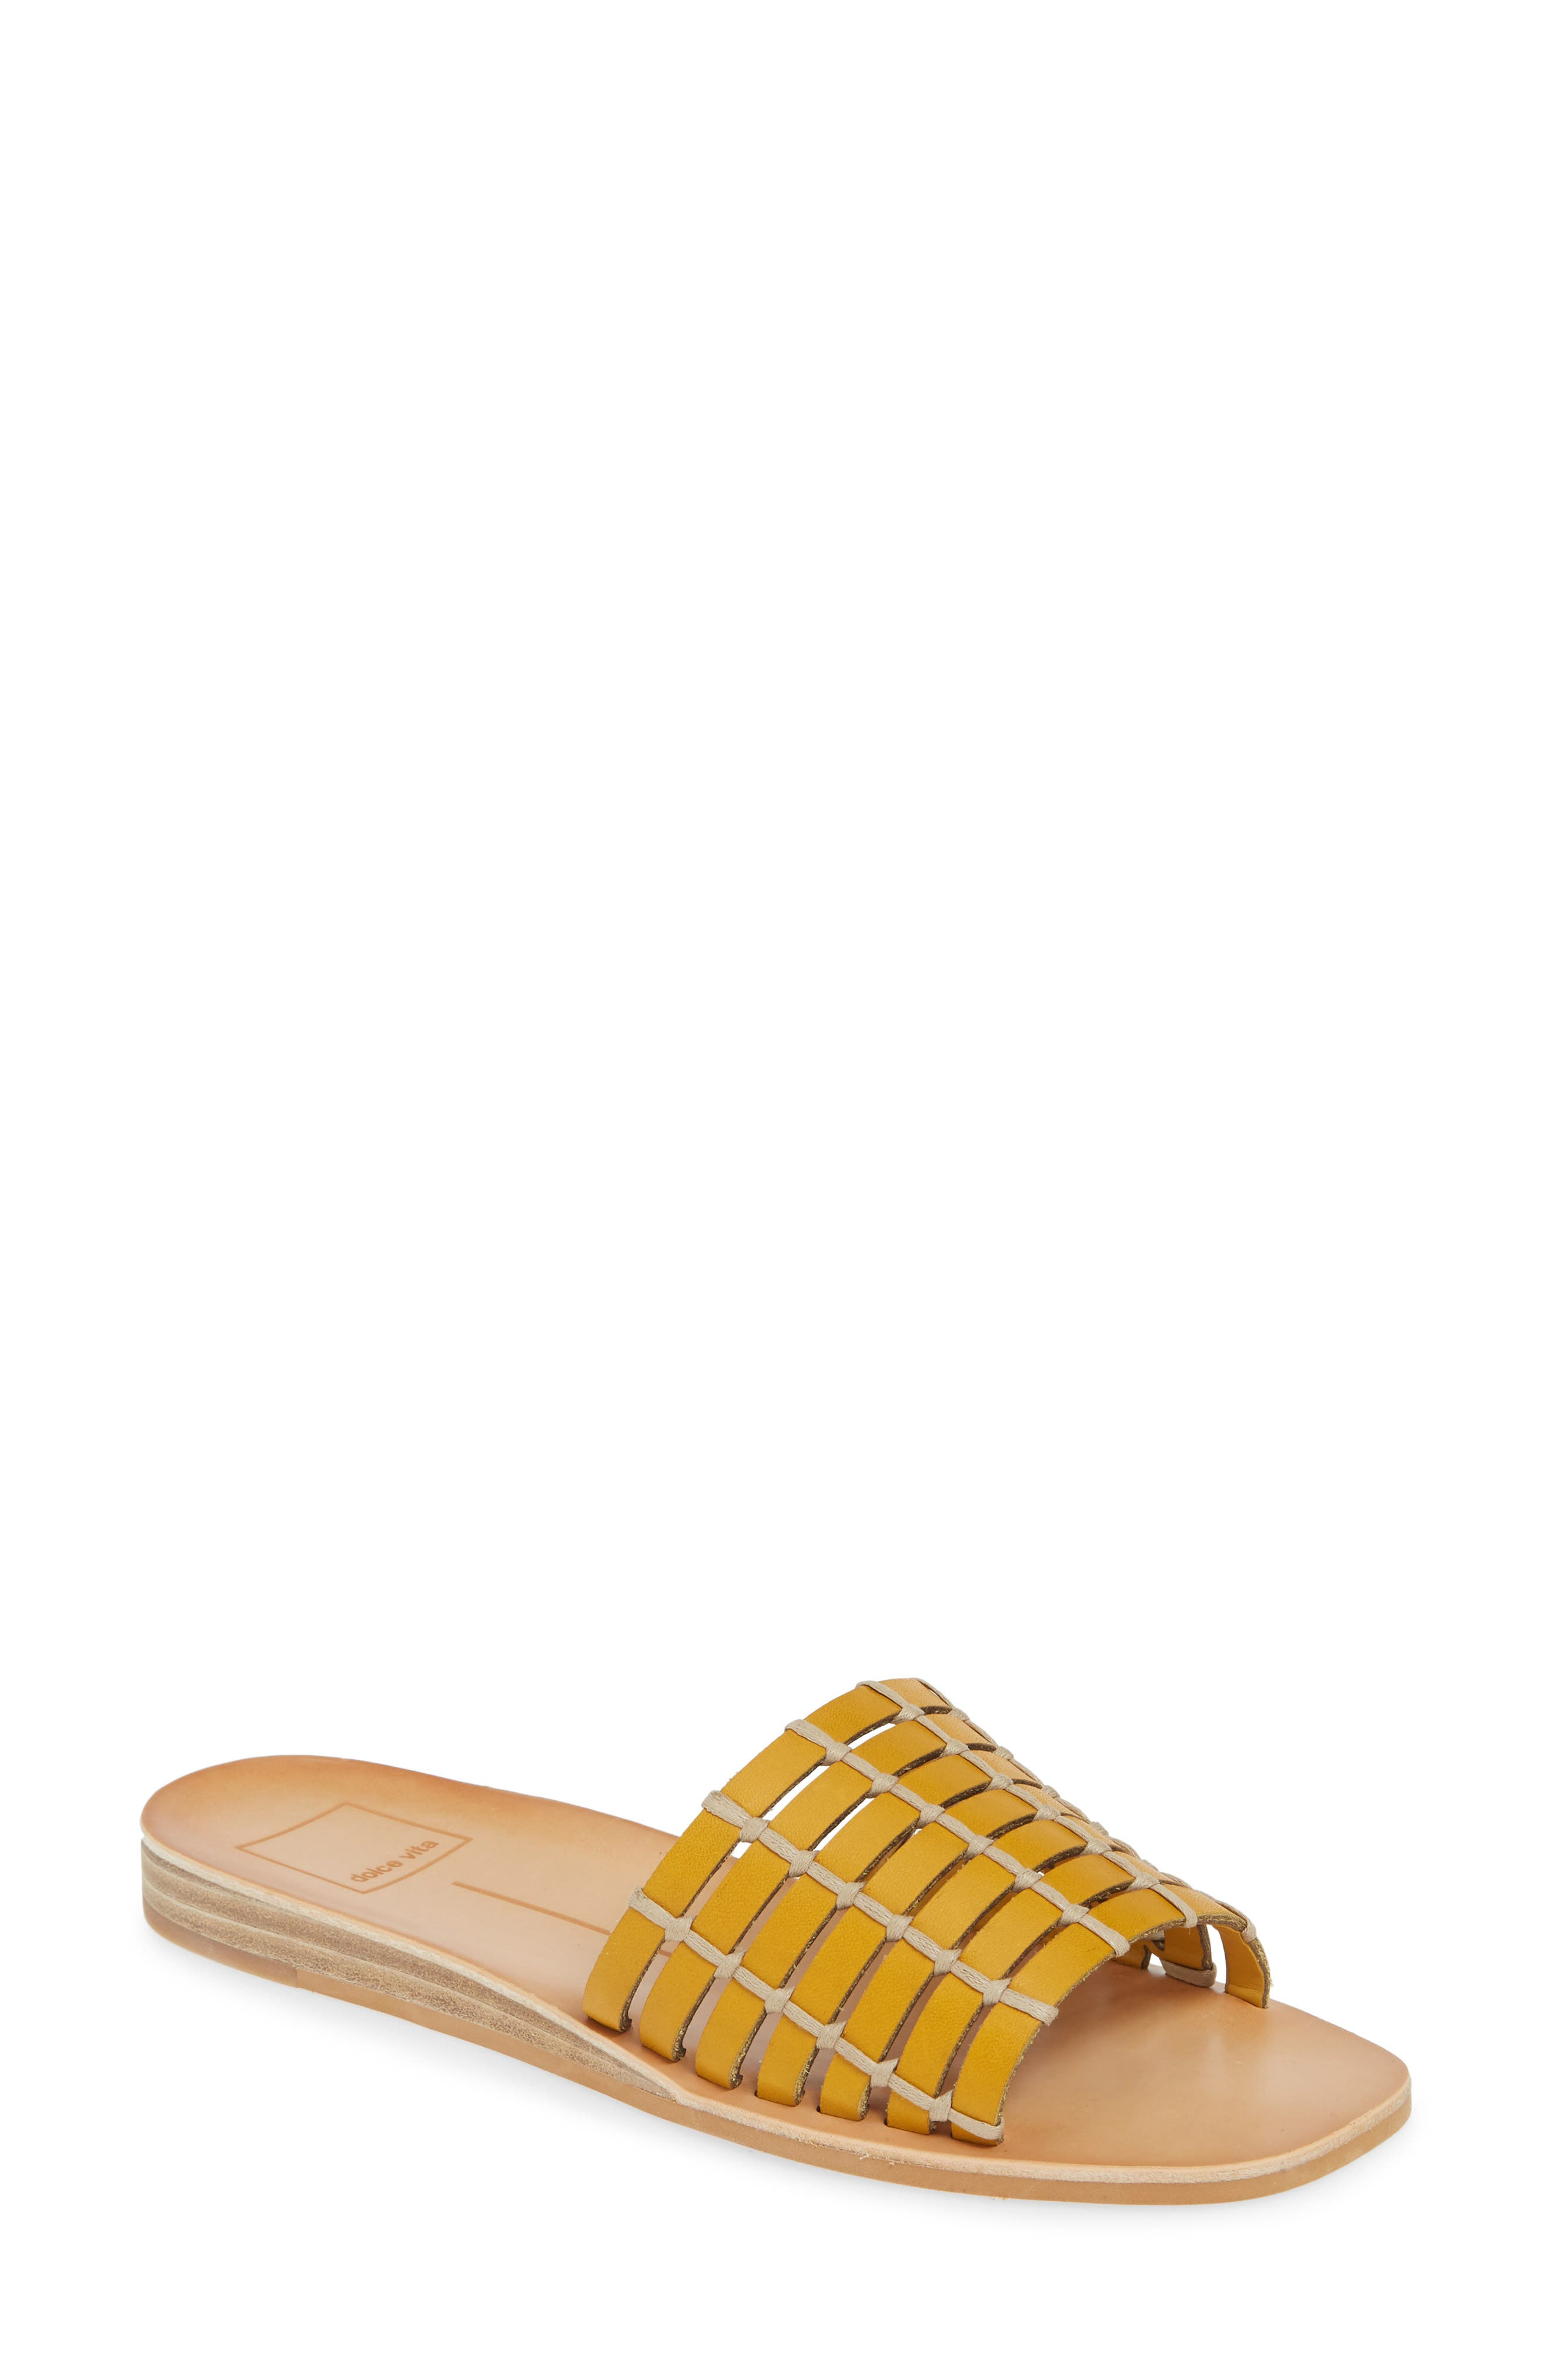 Dolce Vita Colsen Slide Sandal- Yellow